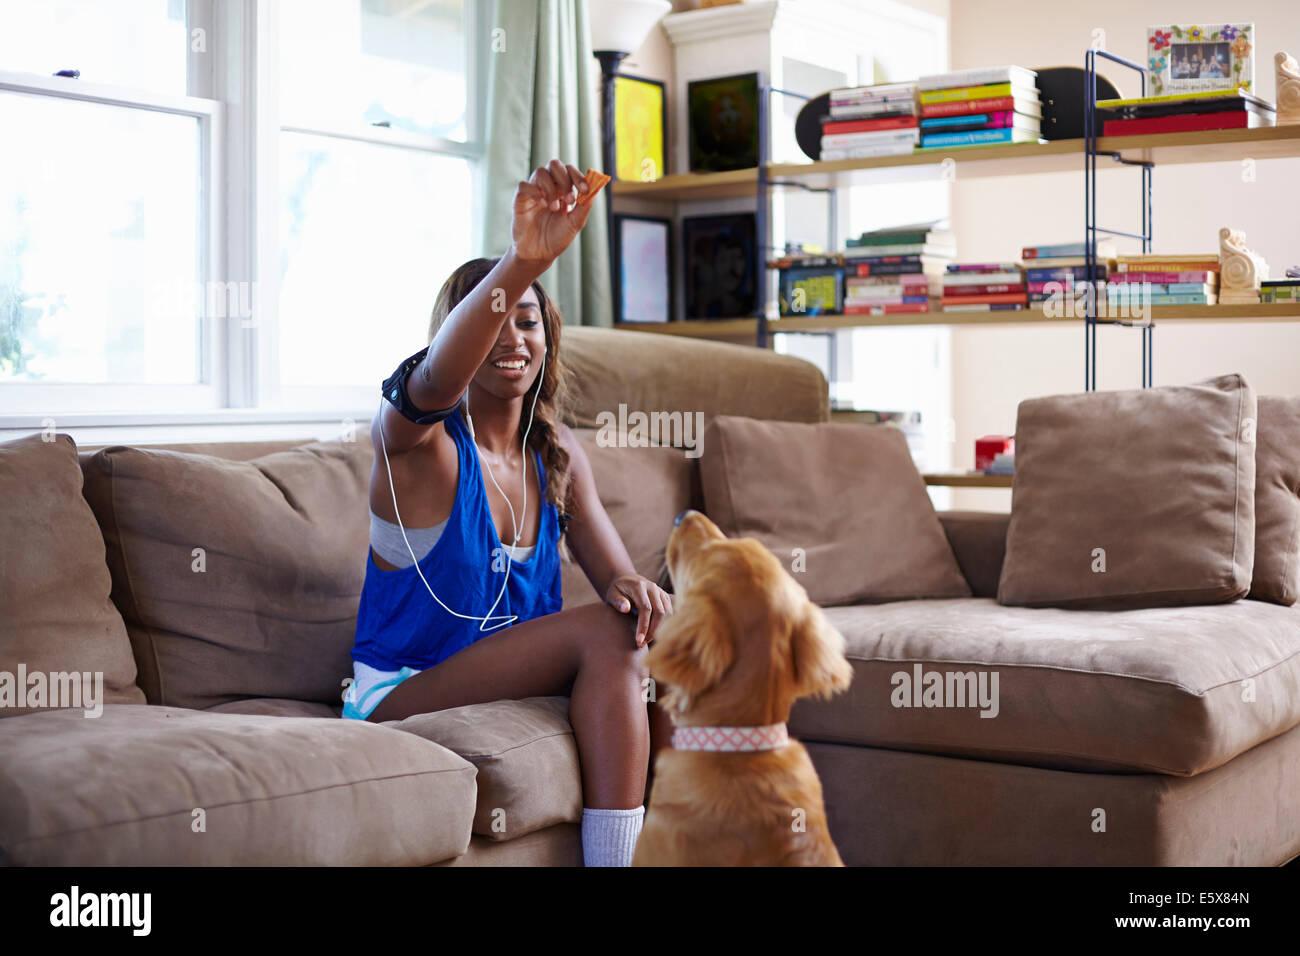 Junge Frau eine Ausbildung Pause hält Keks für Hund im Wohnzimmer Stockbild